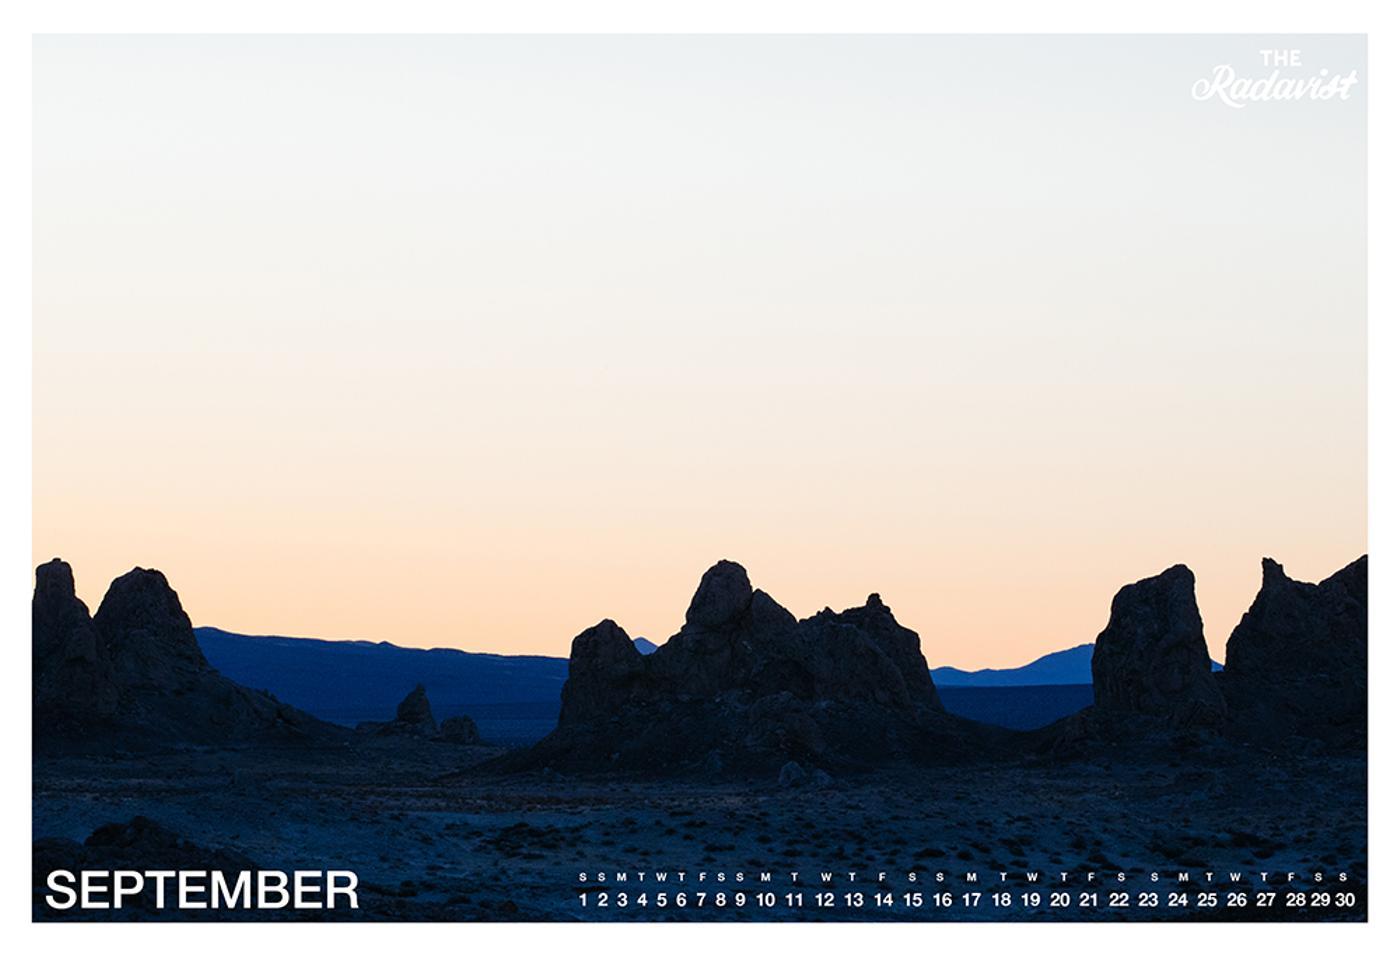 The Radavist 2018 Calendar: September